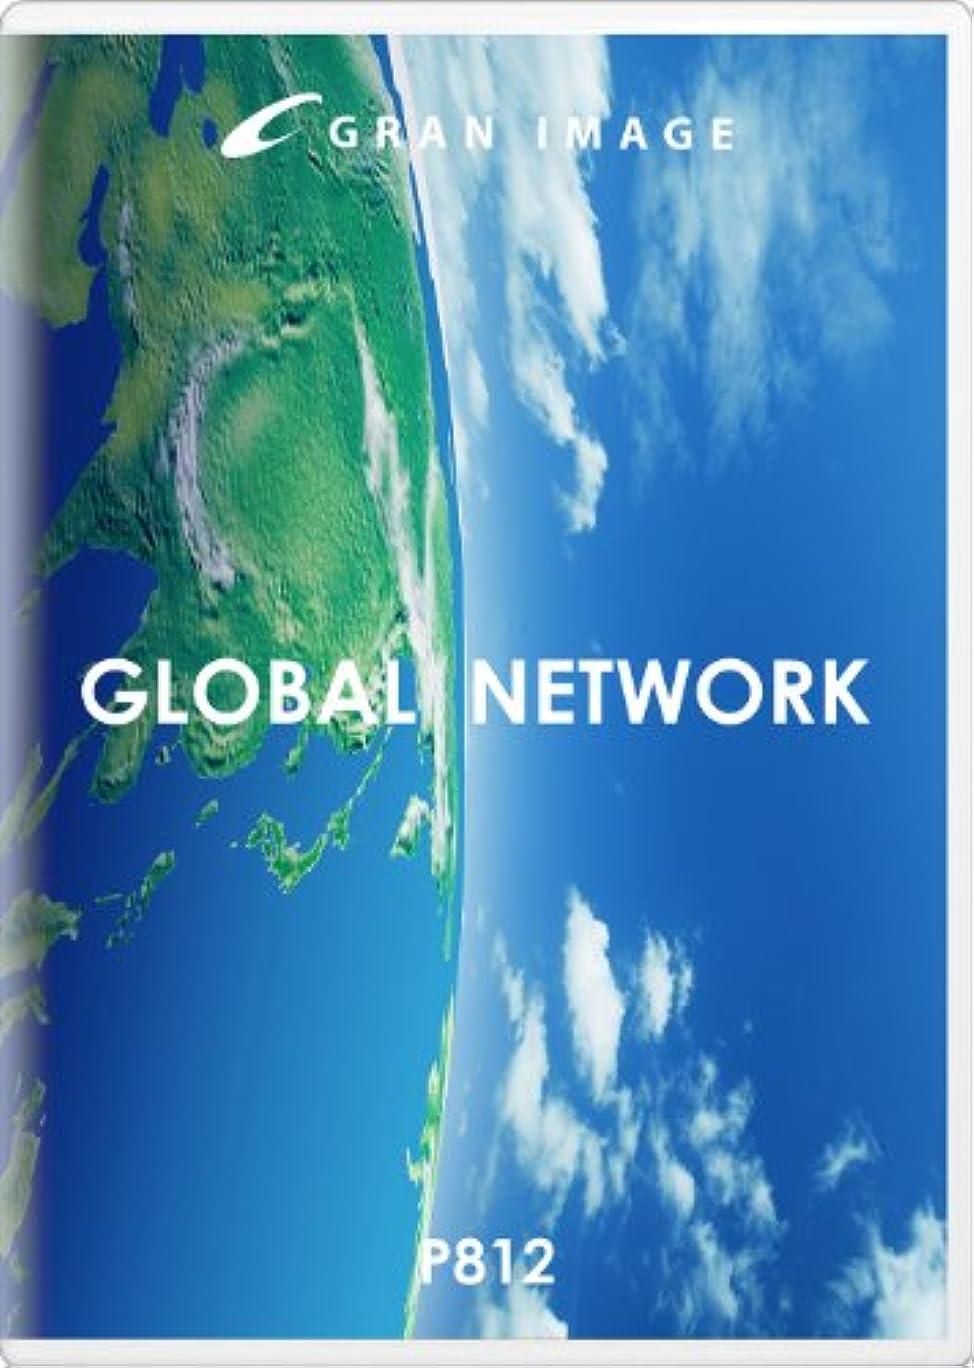 疑い者あるブラジャーグランイメージ P812 グローバルネットワーク(ロイヤリティフリー画像素材集)